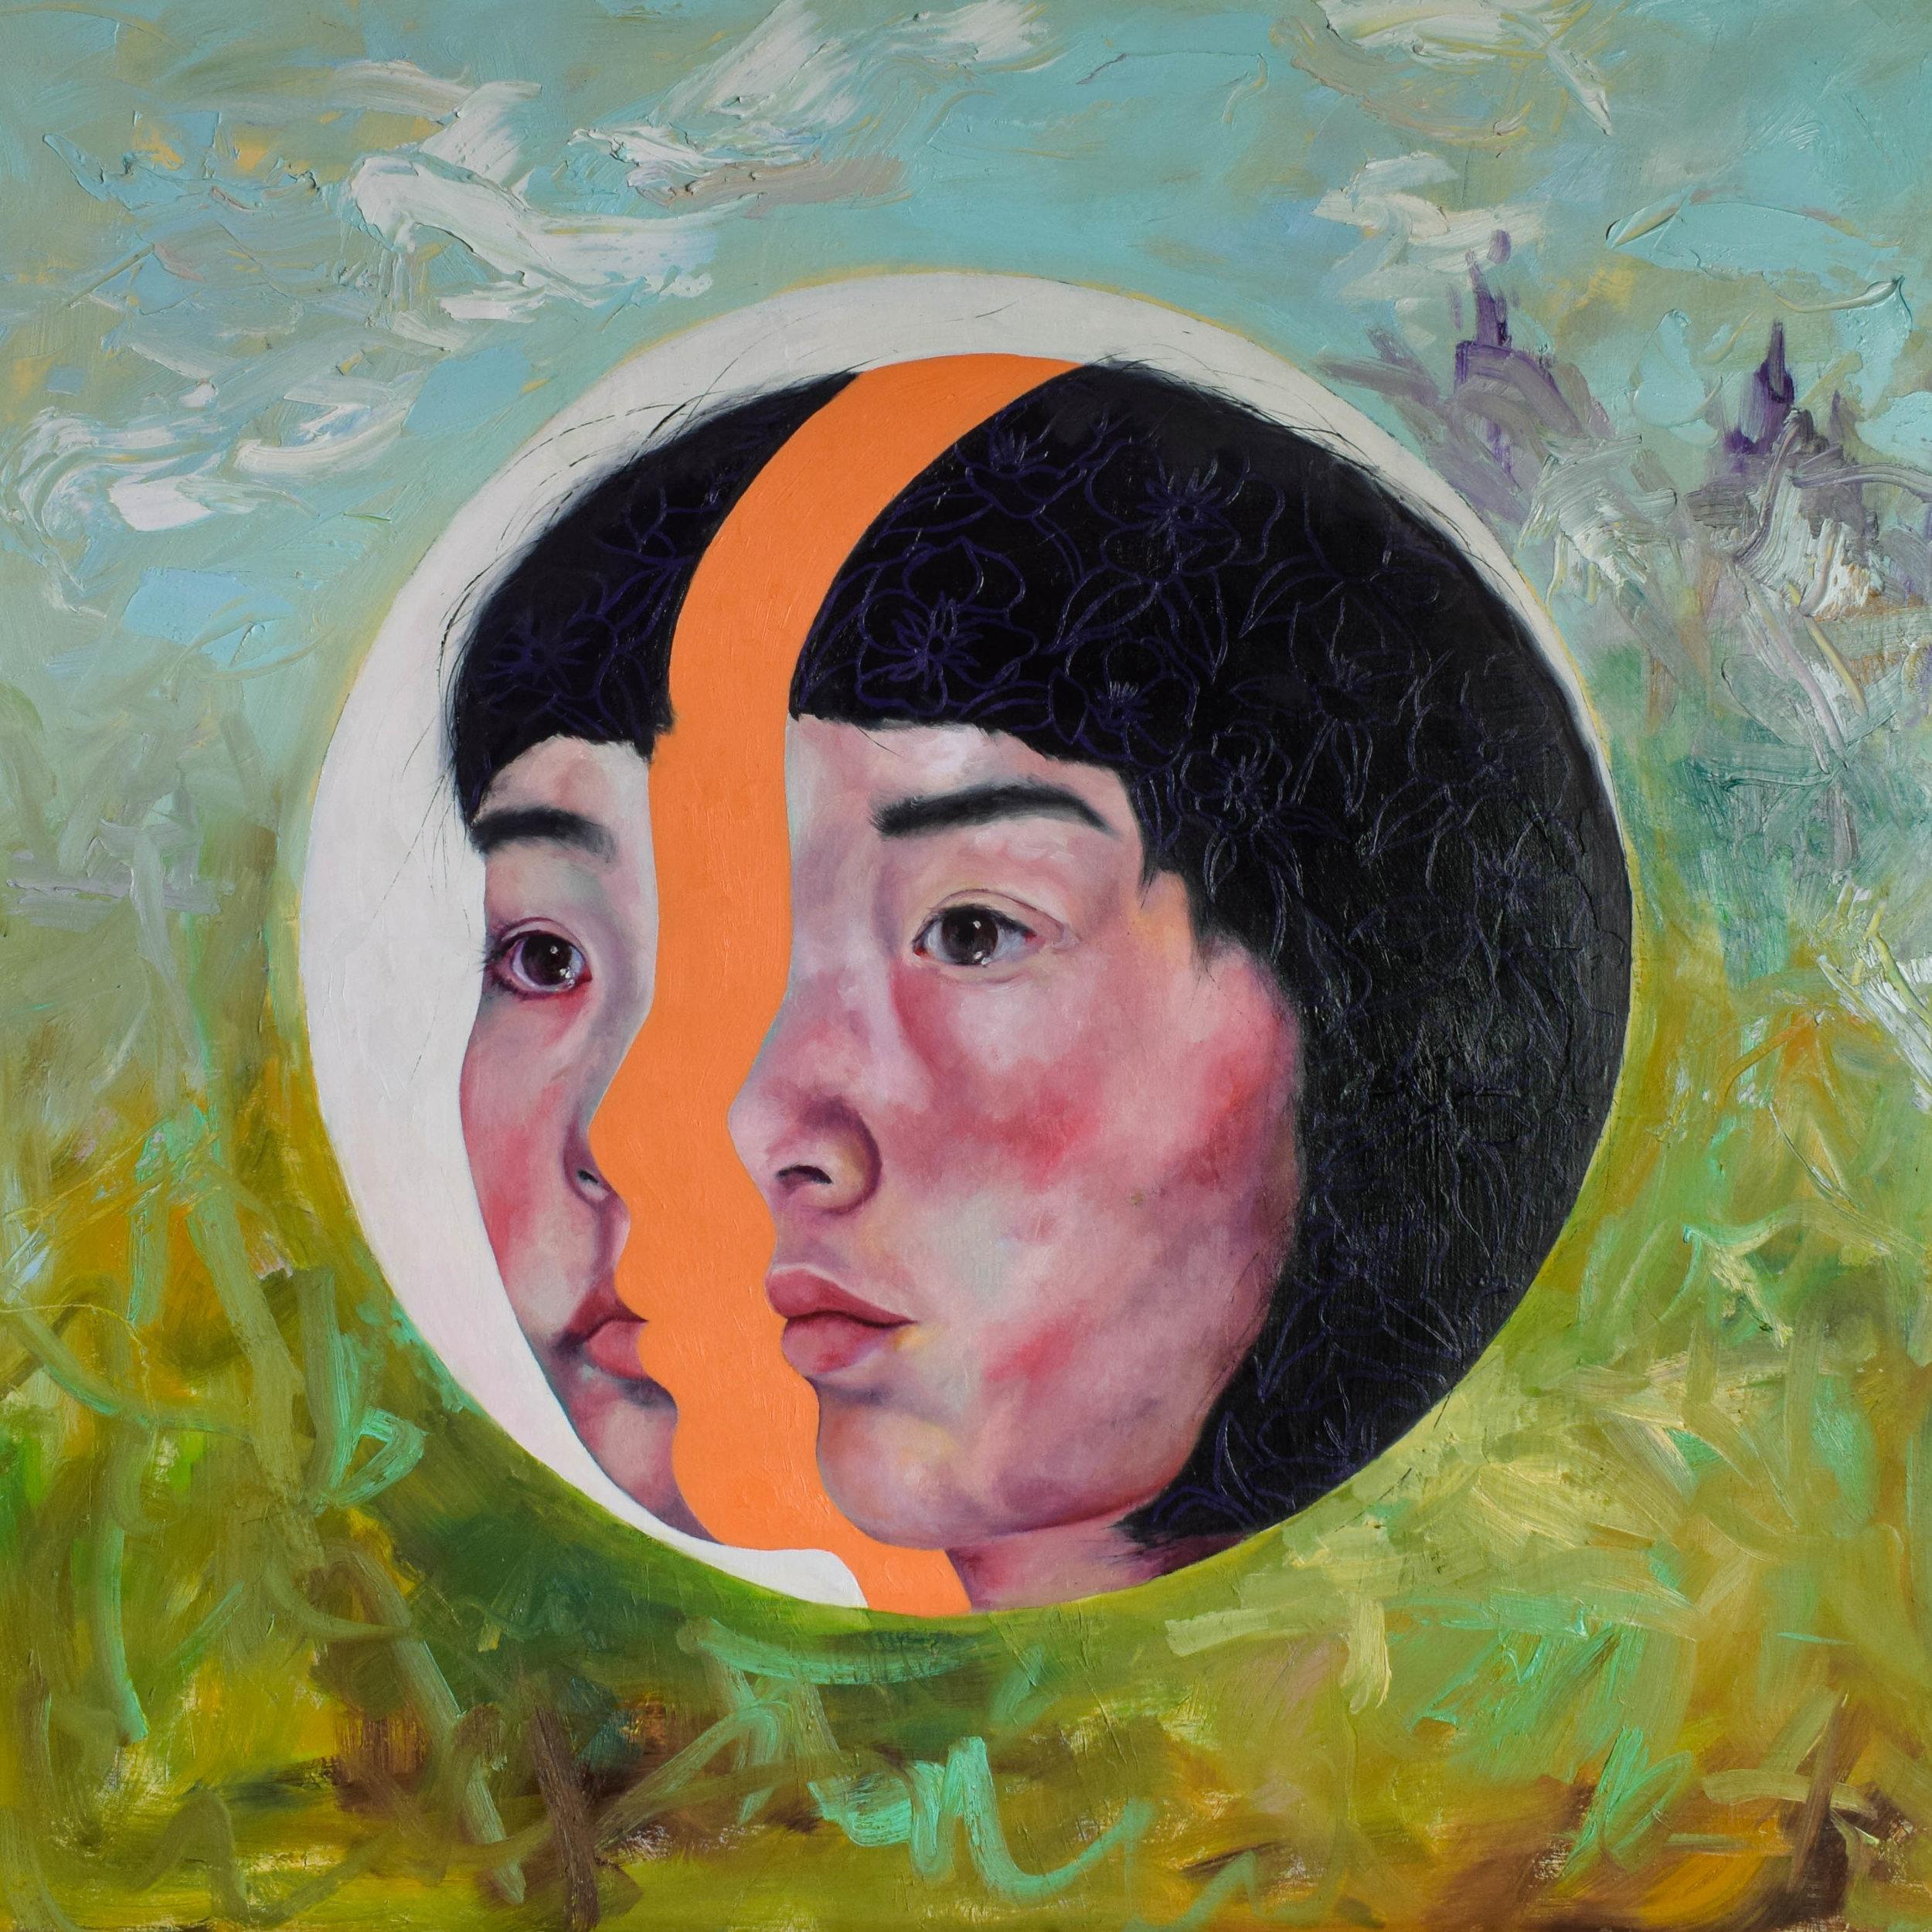 Orange Subconscious